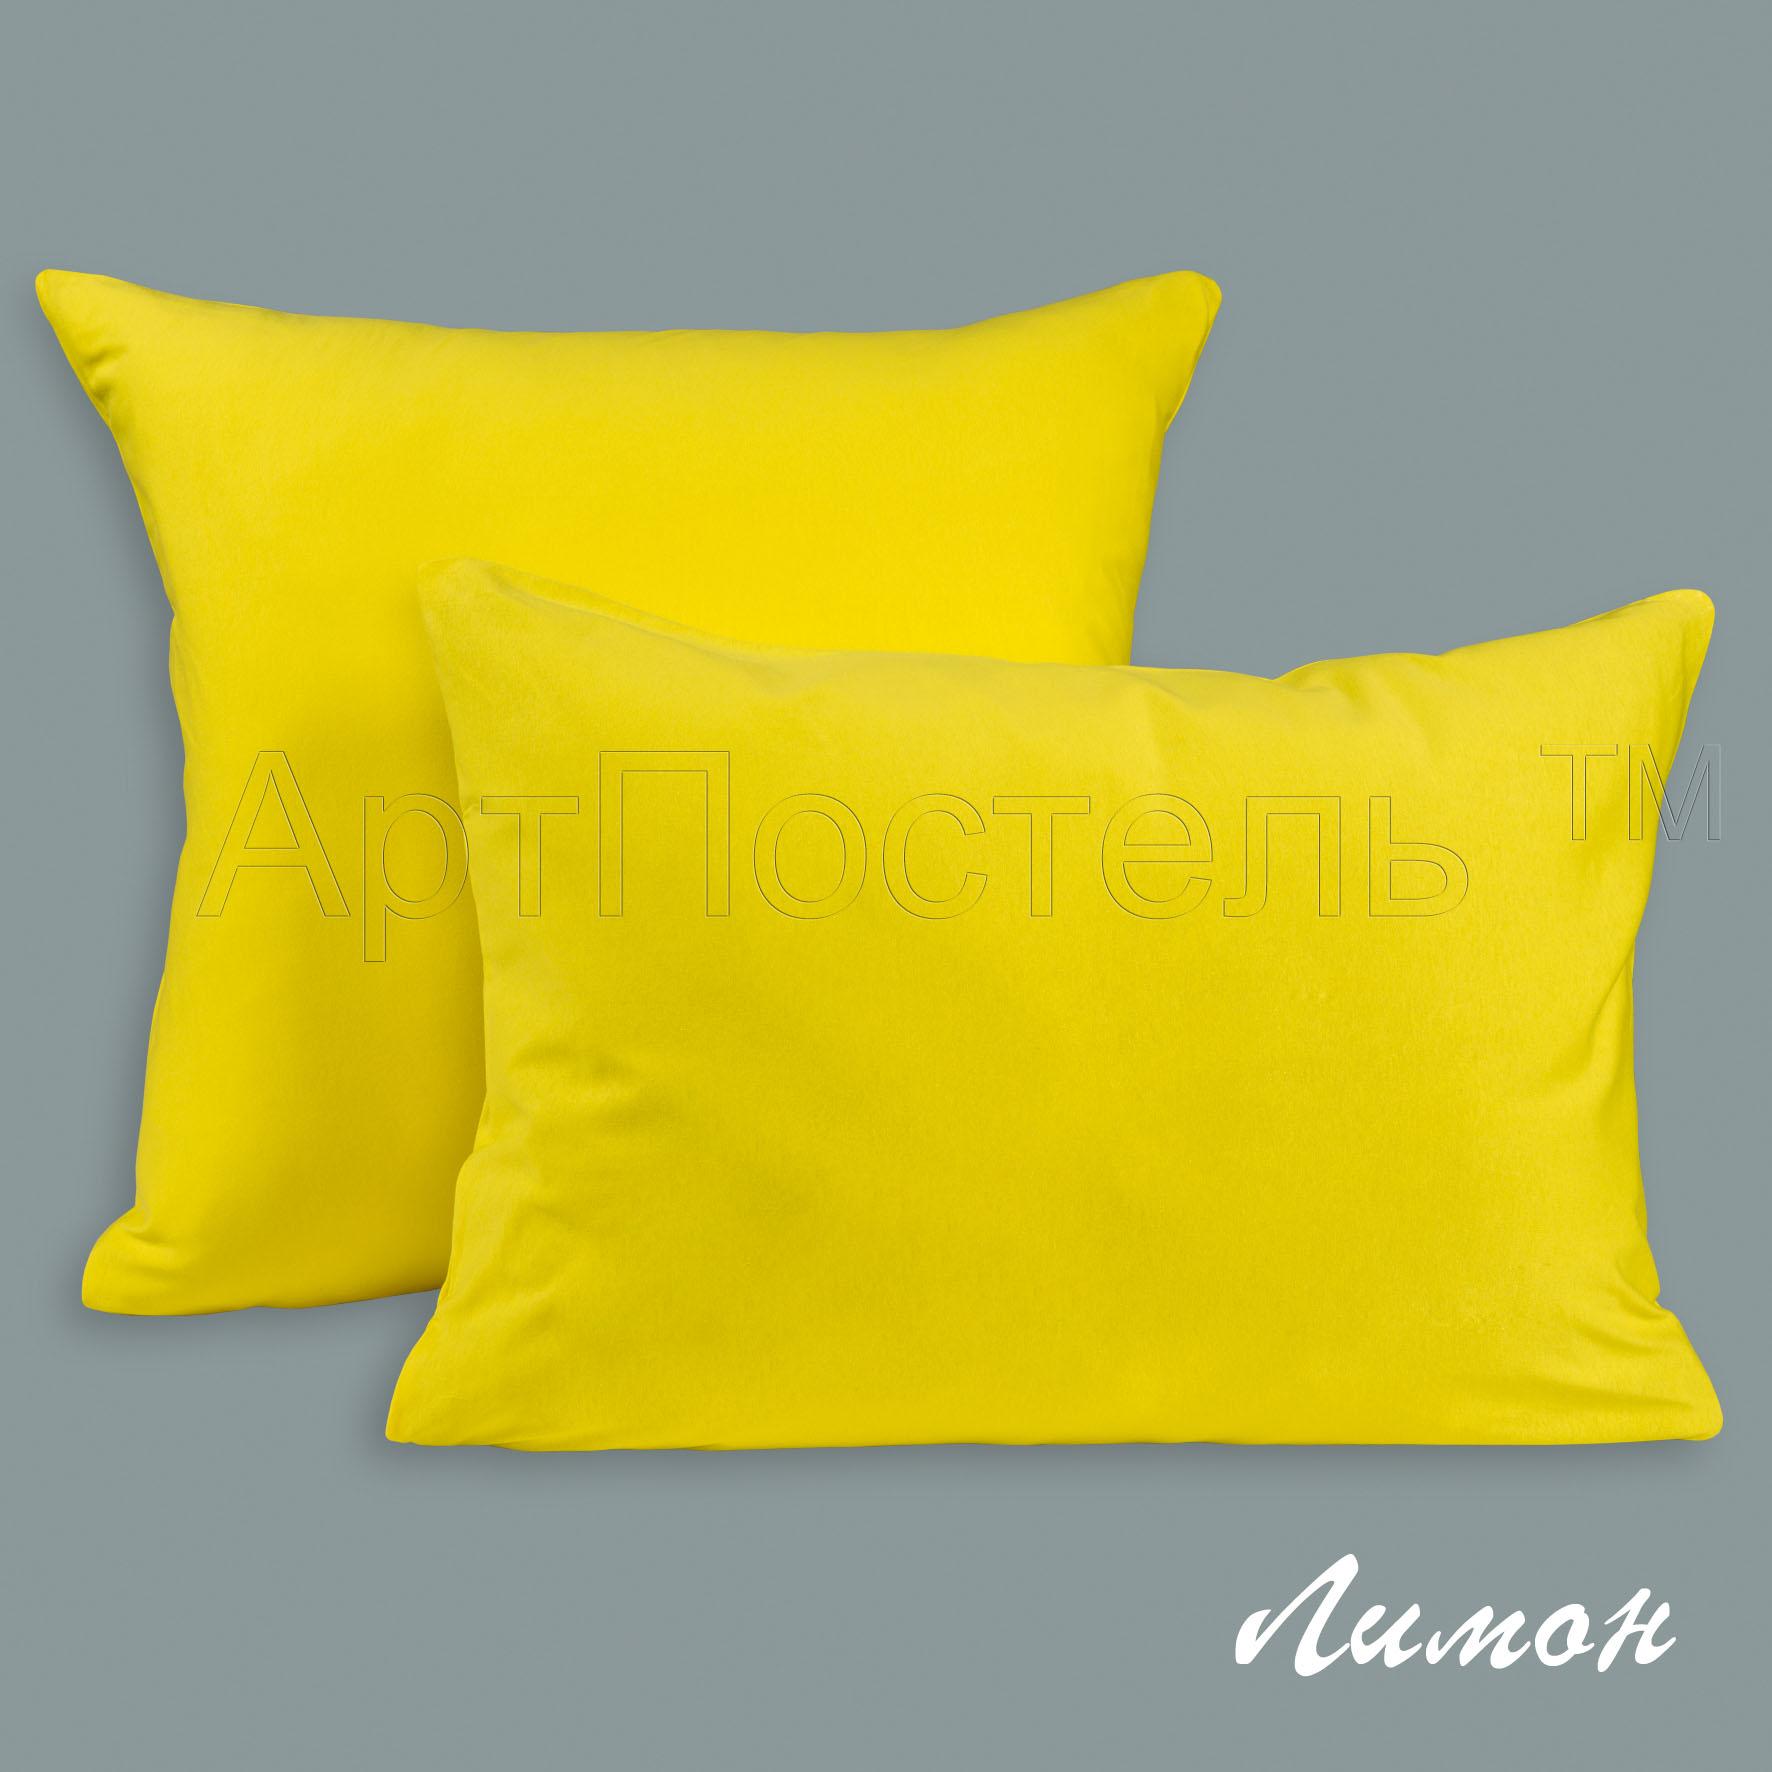 Наволочки Лимон, размер 50х70 смНаволочки<br>Плотность ткани:140 г/кв. м<br>Количество:2 шт.<br><br>Тип: Наволочки<br>Размер: 50х70<br>Материал: Кулирка